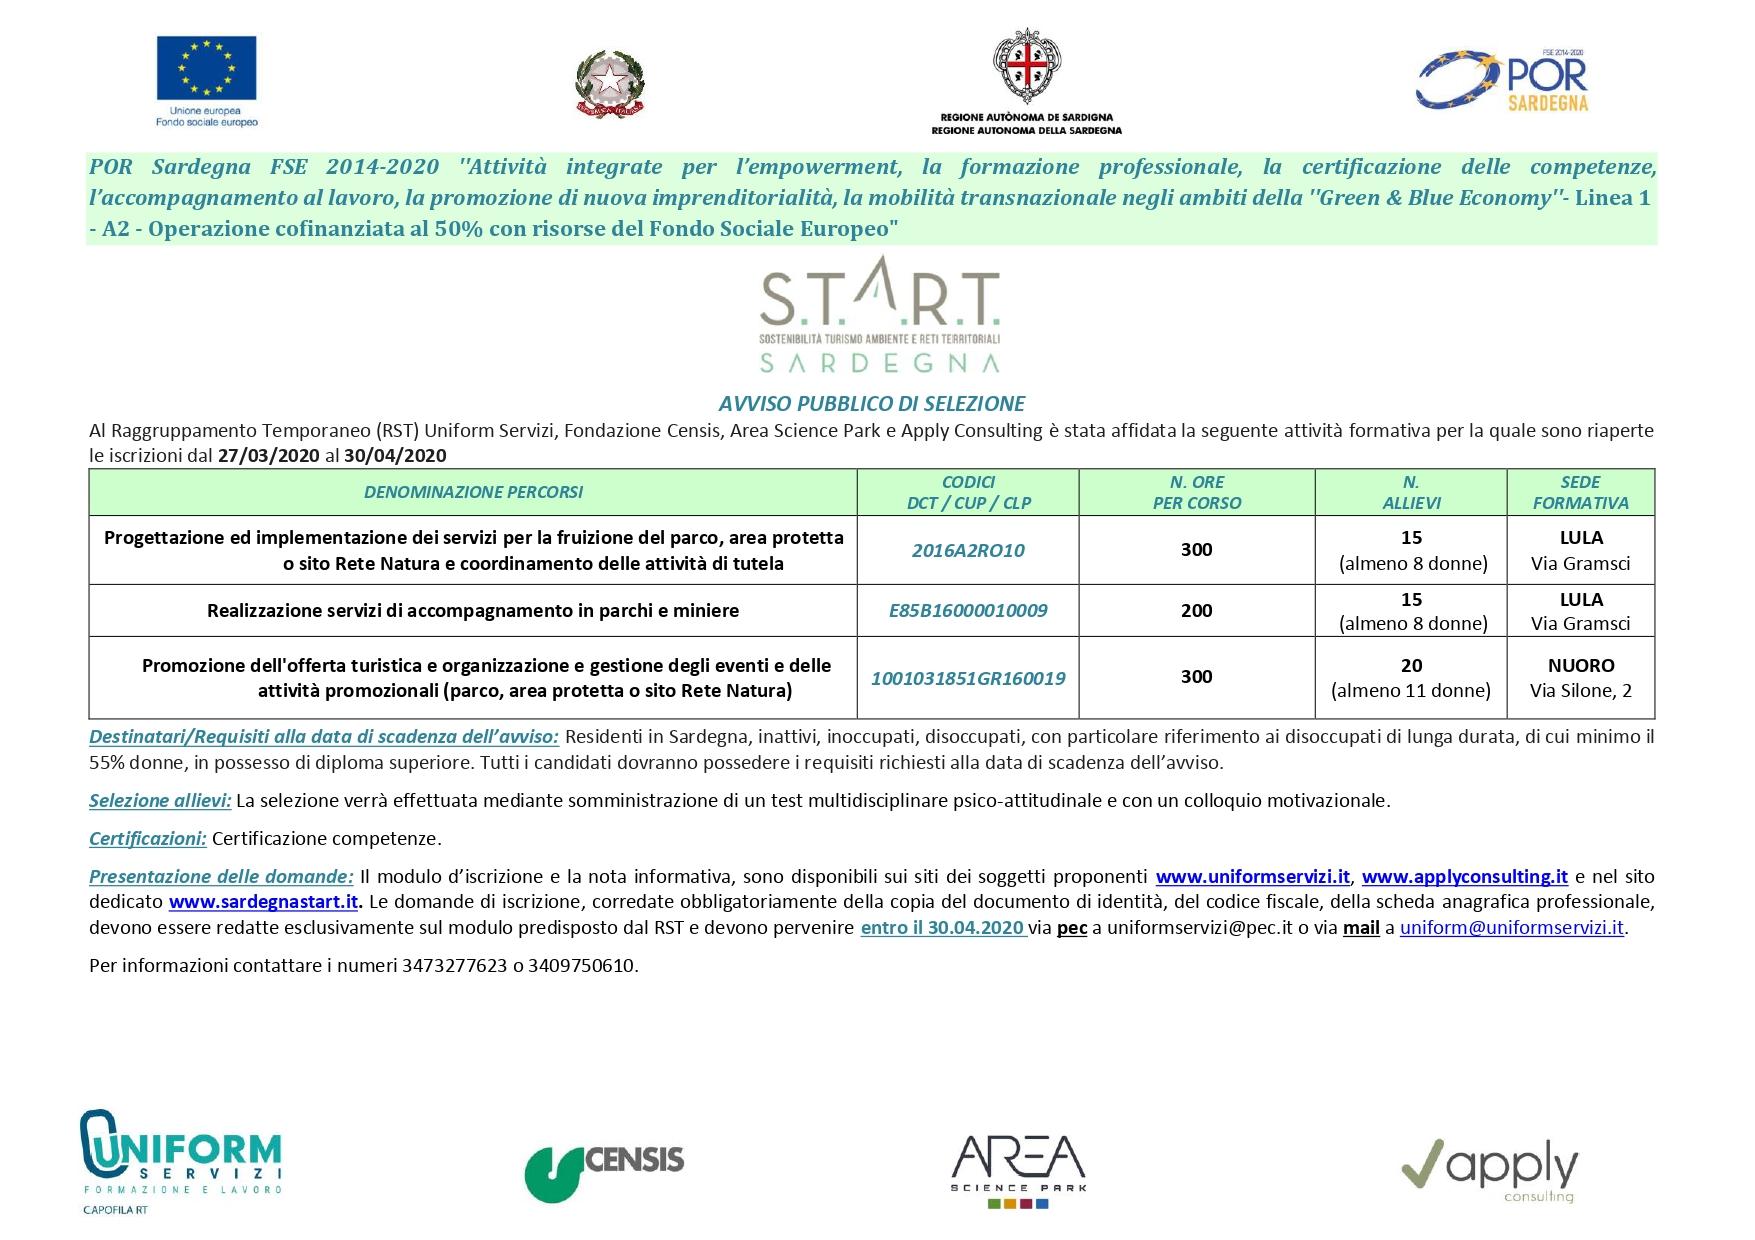 PROGETTO START Sardegna - Proroga iscrizioni corsi formativi sino al 30 aprile 2020